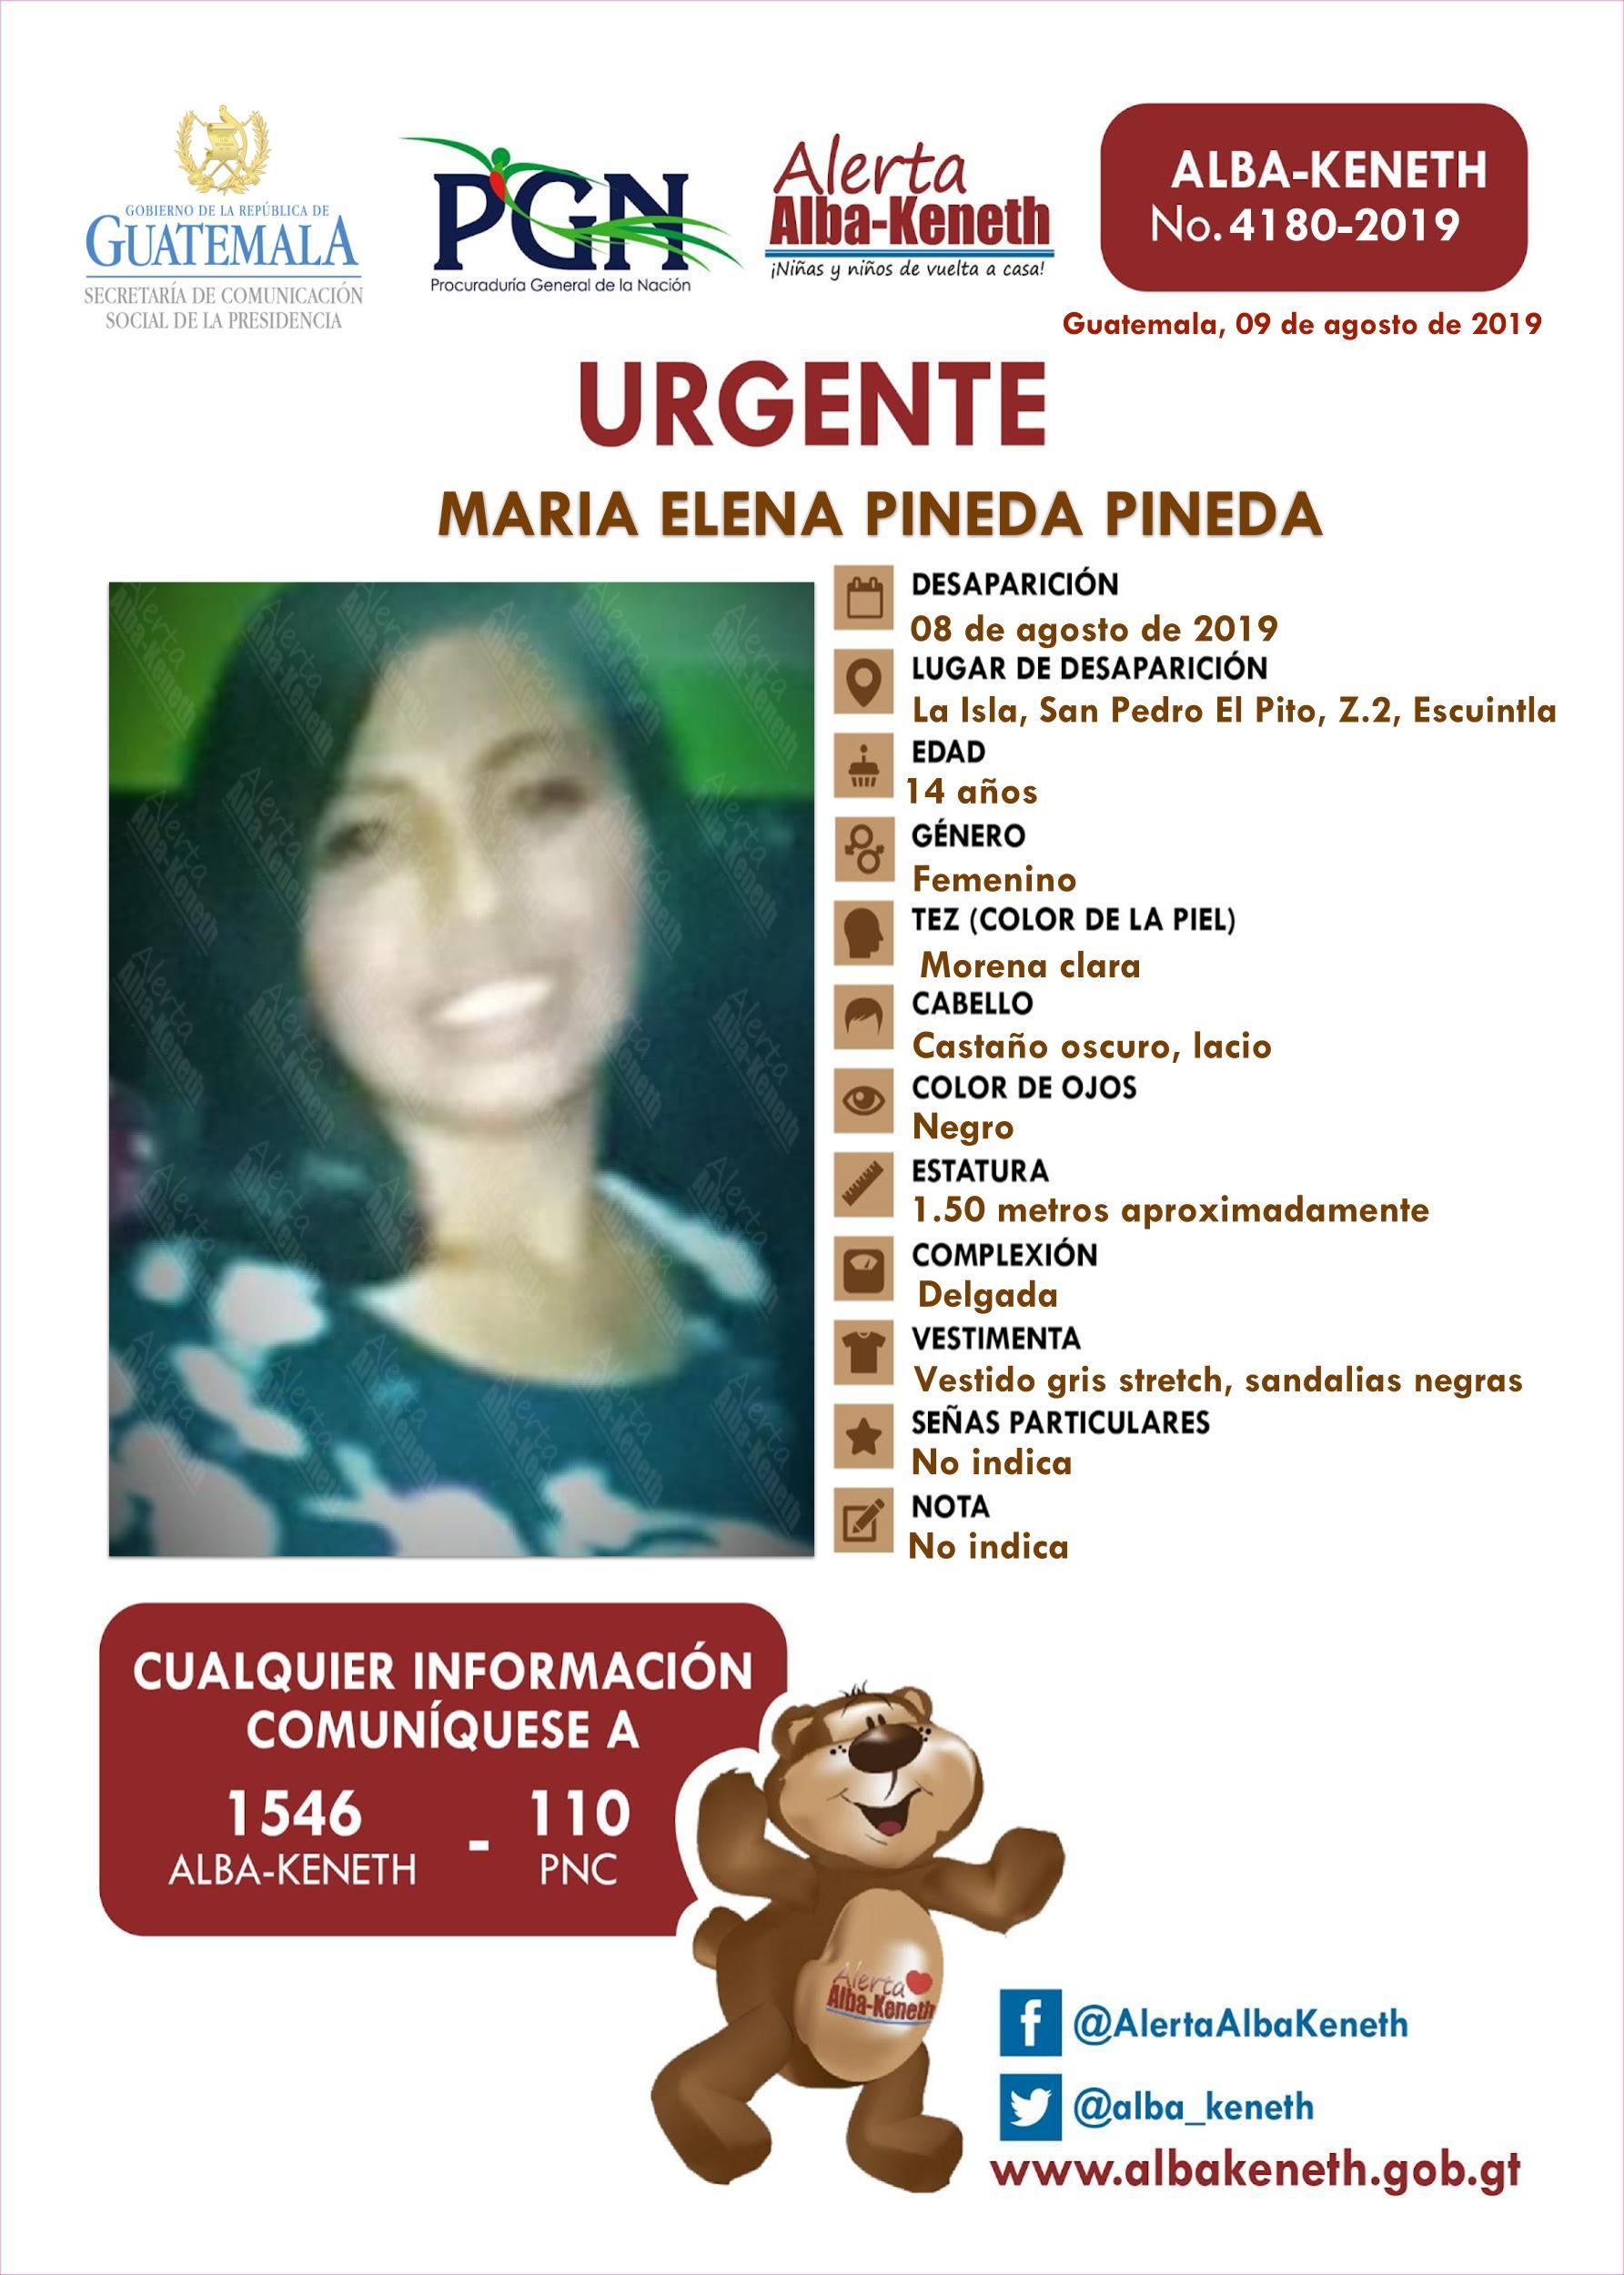 Maria Elena Pineda Pineda